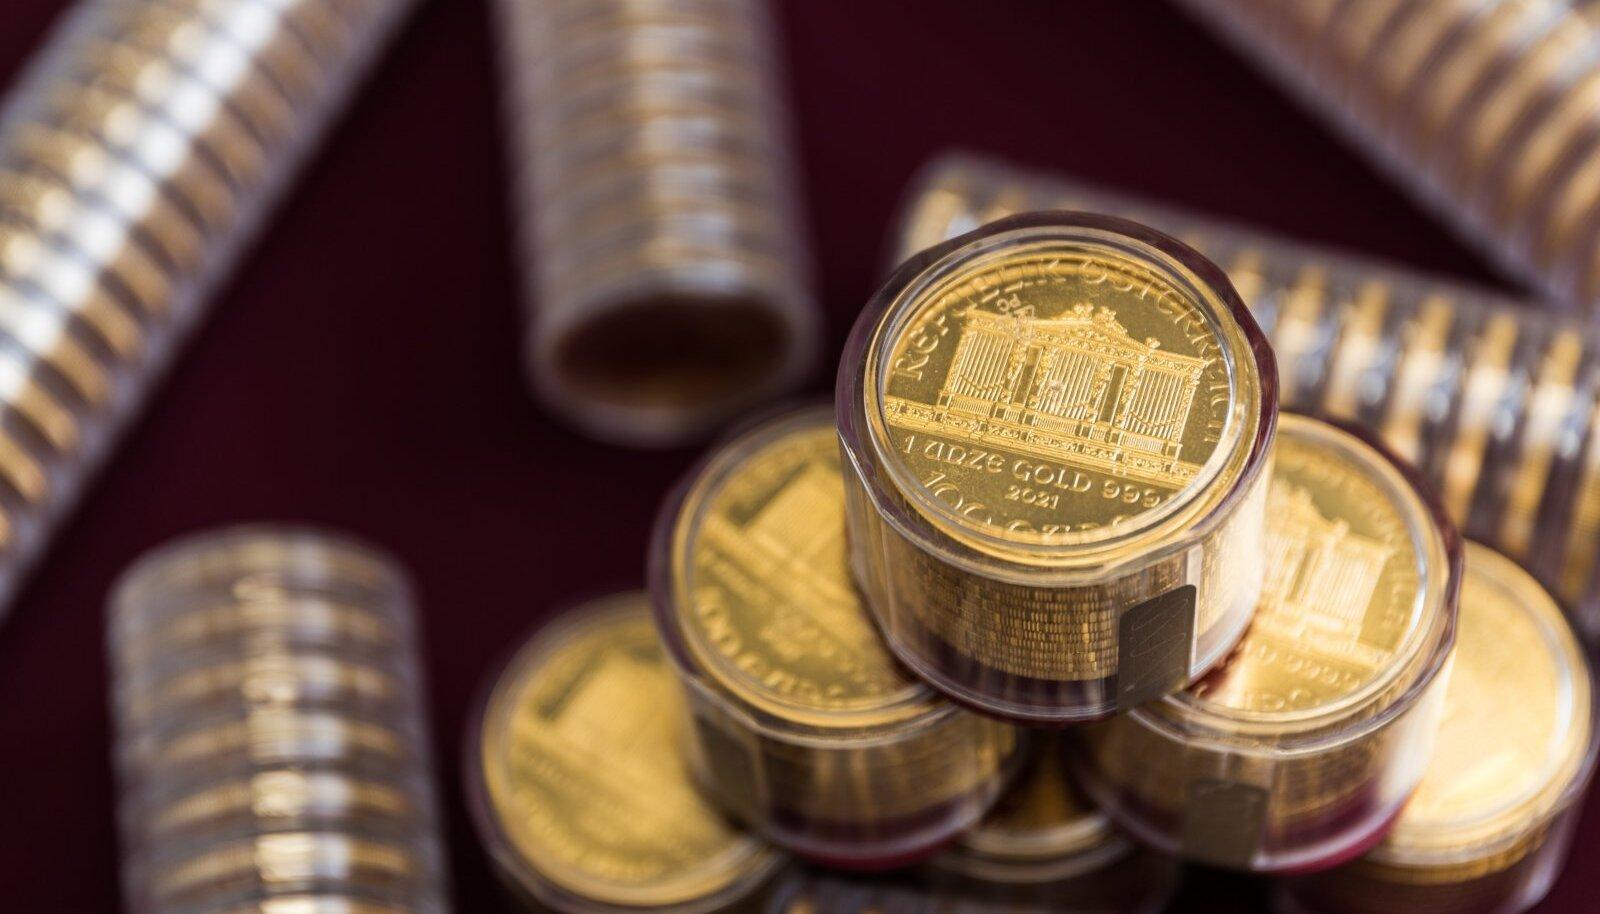 Kuldmündid